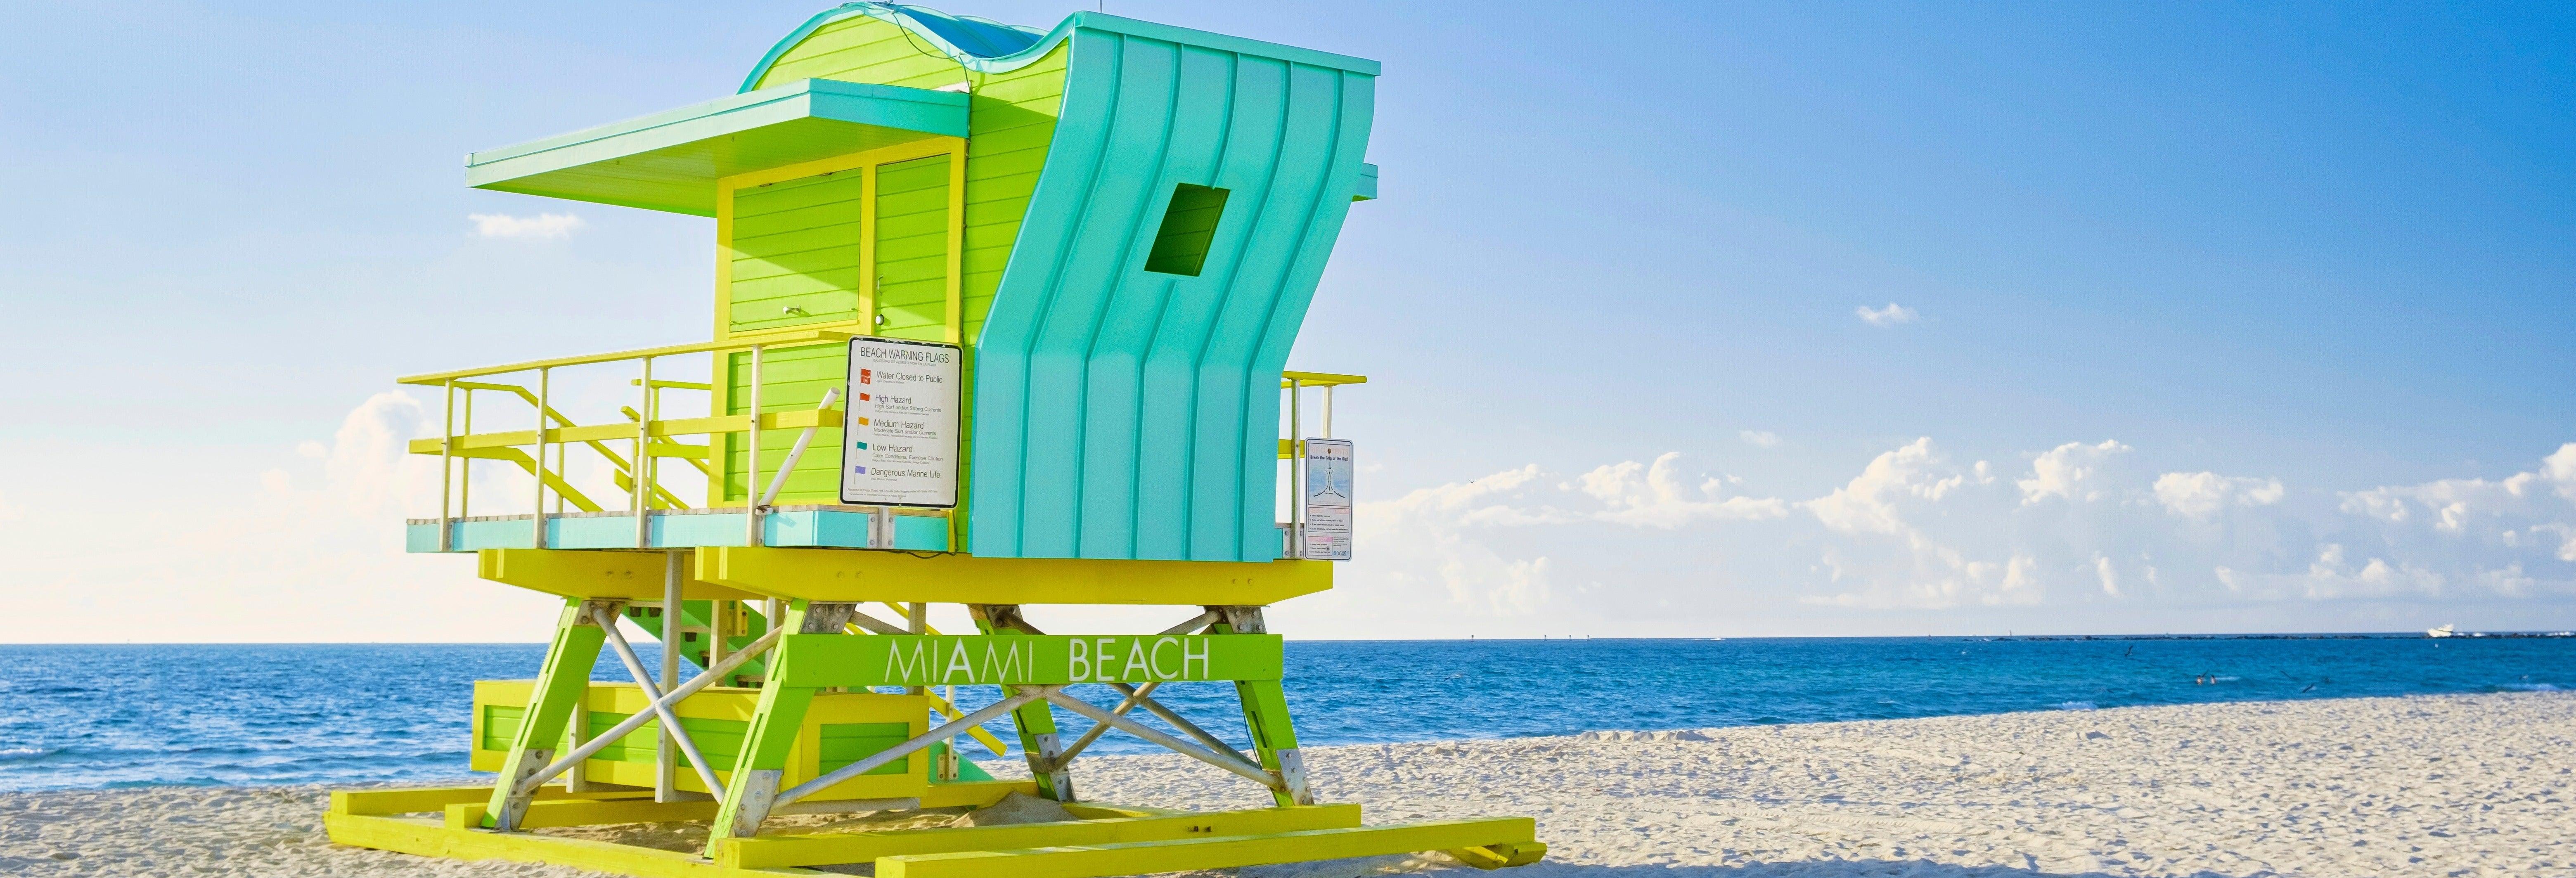 Excursão para Miami